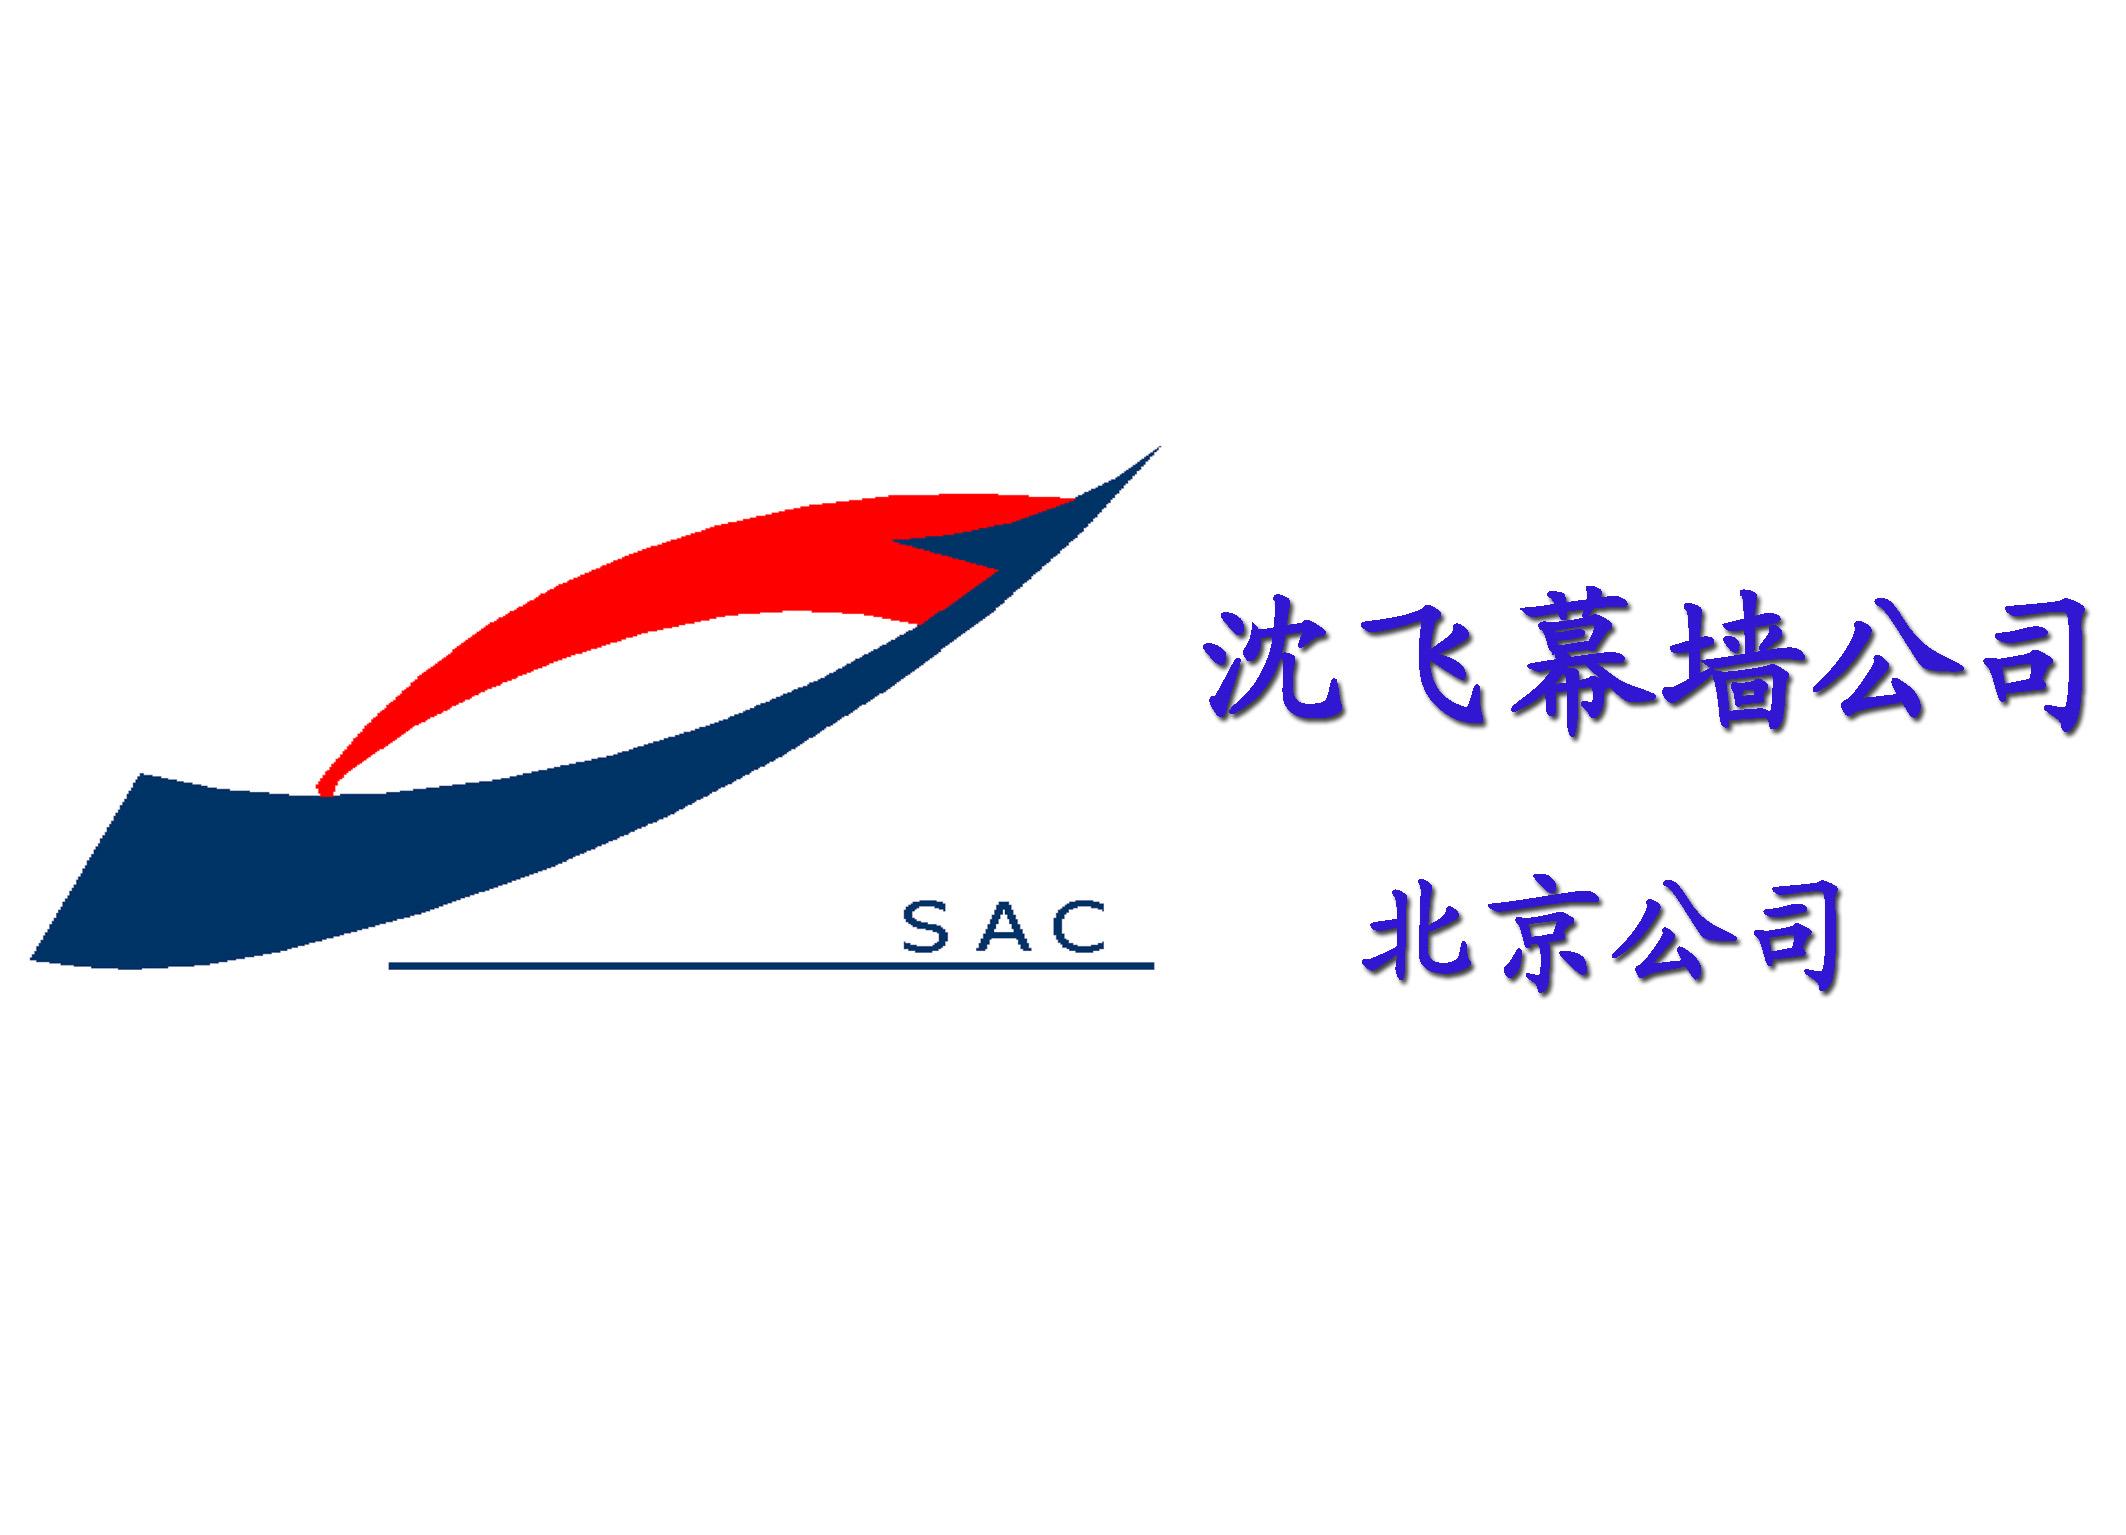 中航沈飞(北京)装饰工程有限公司